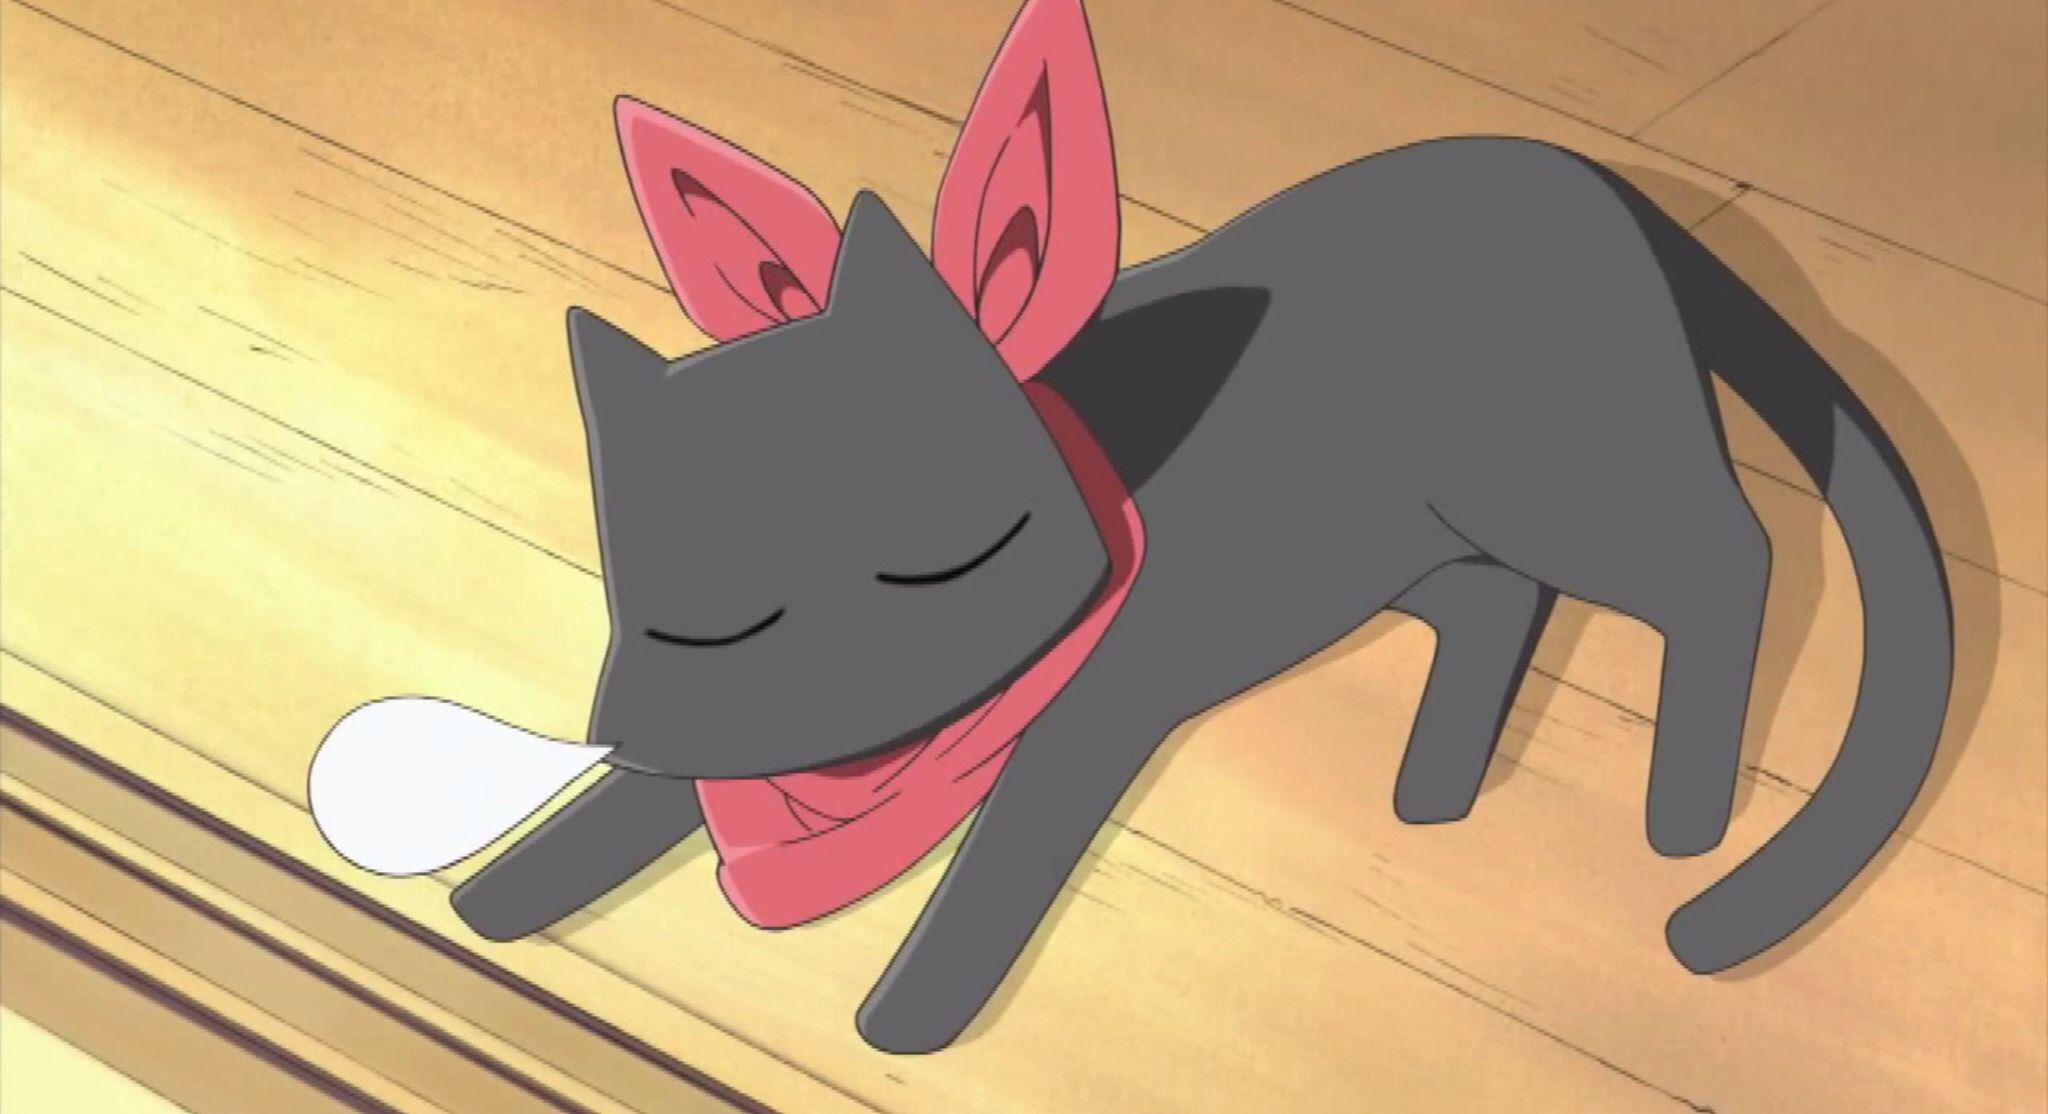 ぐっすり寝ている阪本さんの日常の壁紙